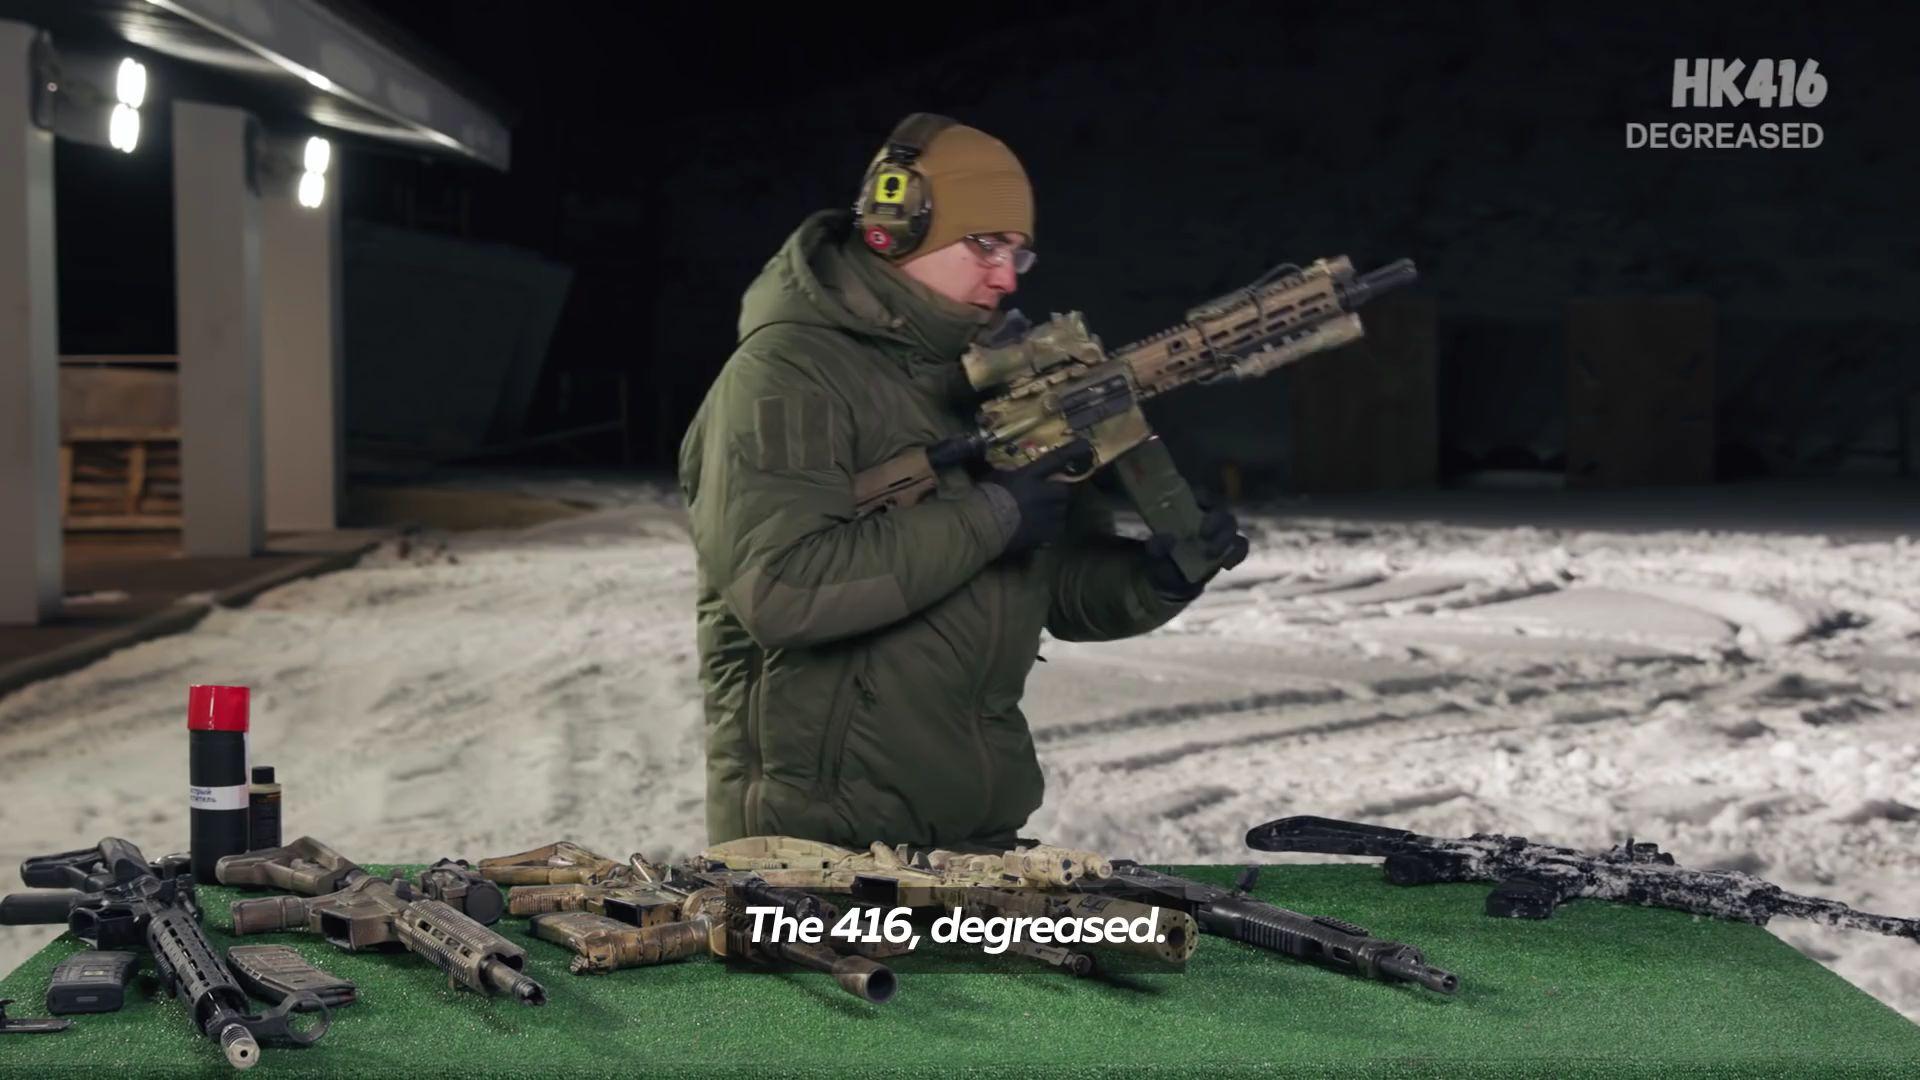 不同武器平台抗冰冻测试(AK、AR、HK)